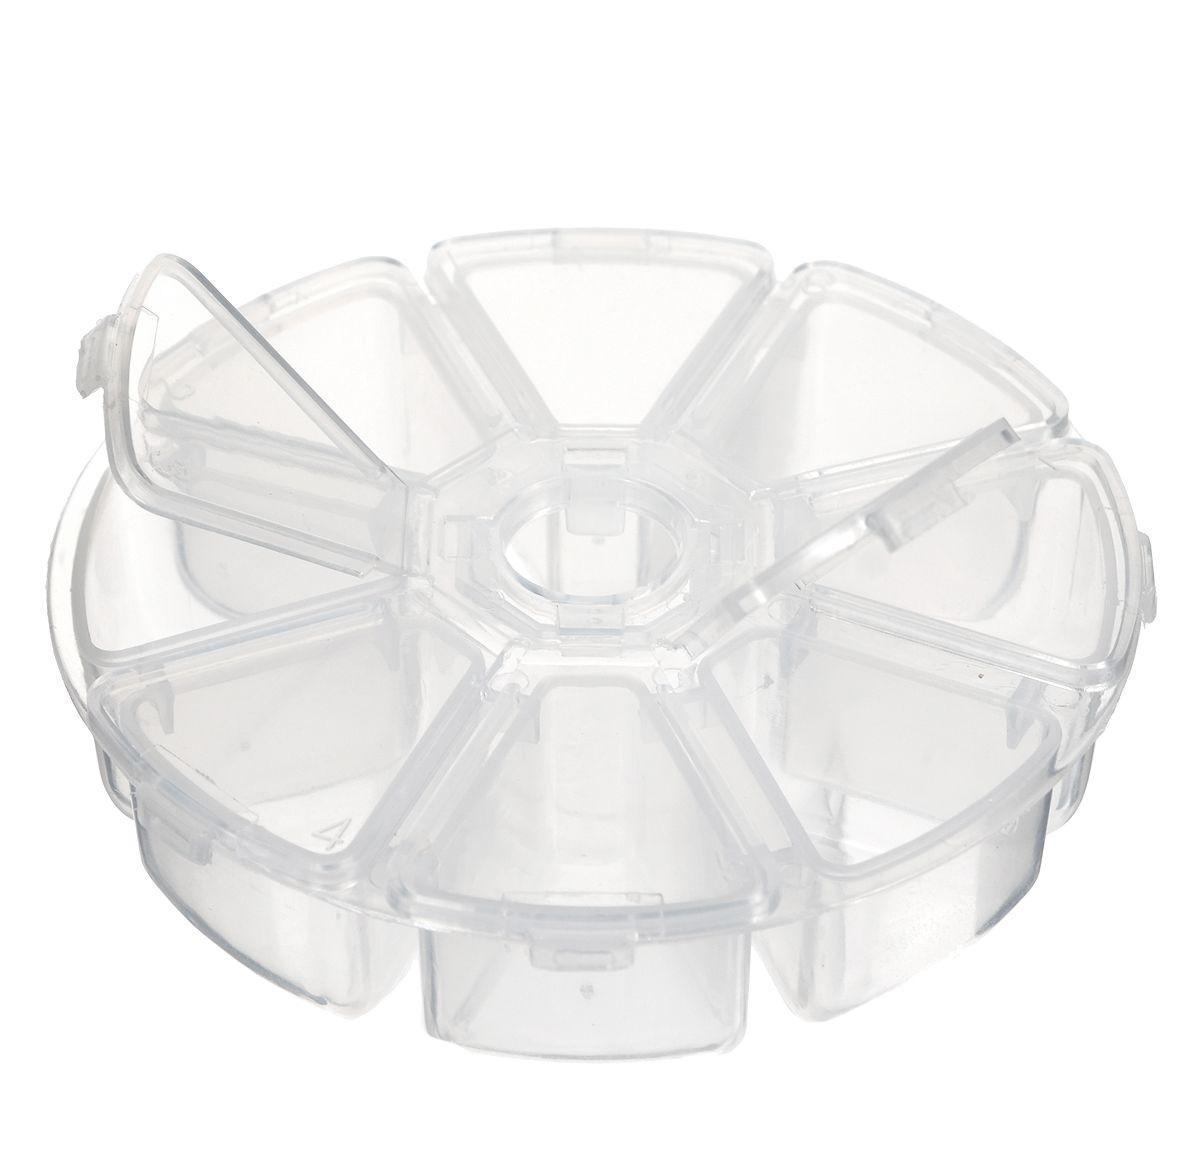 Контейнер для бисера Hobby & Pro, 8 секций, диаметр 10 см7700463Контейнер для мелочей изготовлен из прозрачного пластика, что позволяет видеть содержимое. Внутри содержится 8 ячеек для хранения мелких принадлежностей. Крышка плотно закрывается. Такой контейнер поможет держать вещи в порядке. Идеально подходит для хранения принадлежностей для шитья и других мелких бытовых предметов.